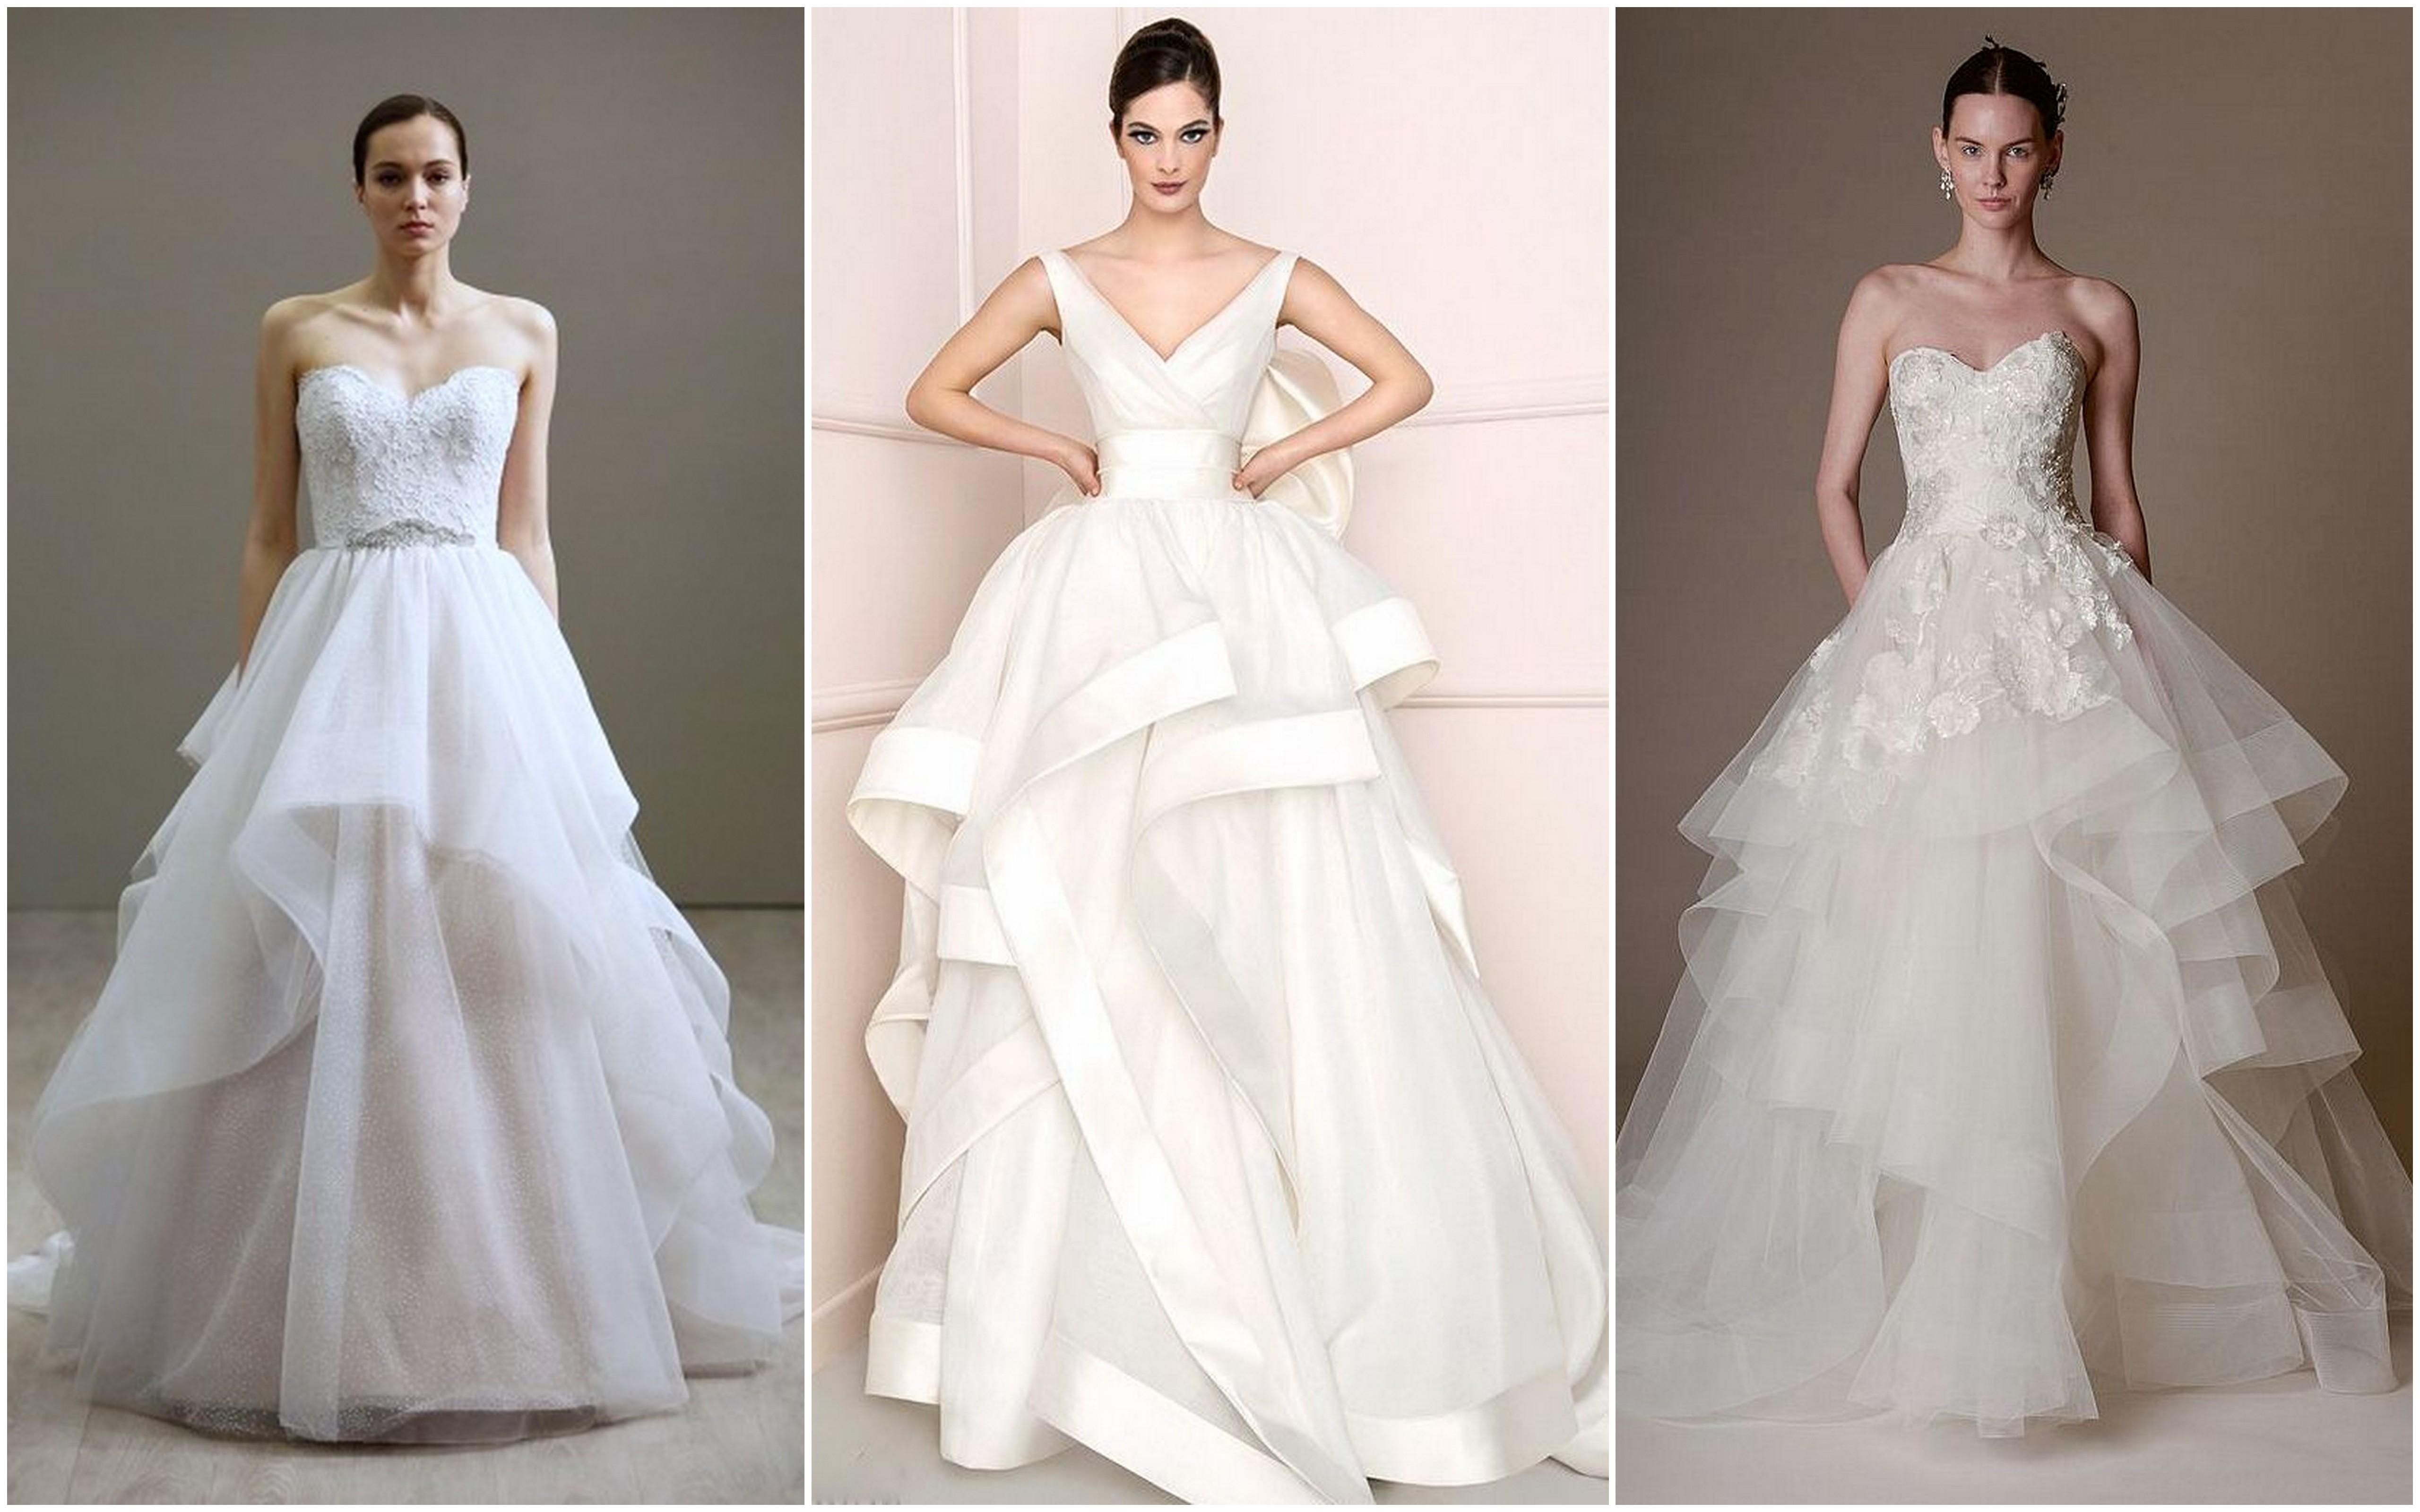 wedding dress trends trending wedding dresses Wedding Dress trends layer love tiers